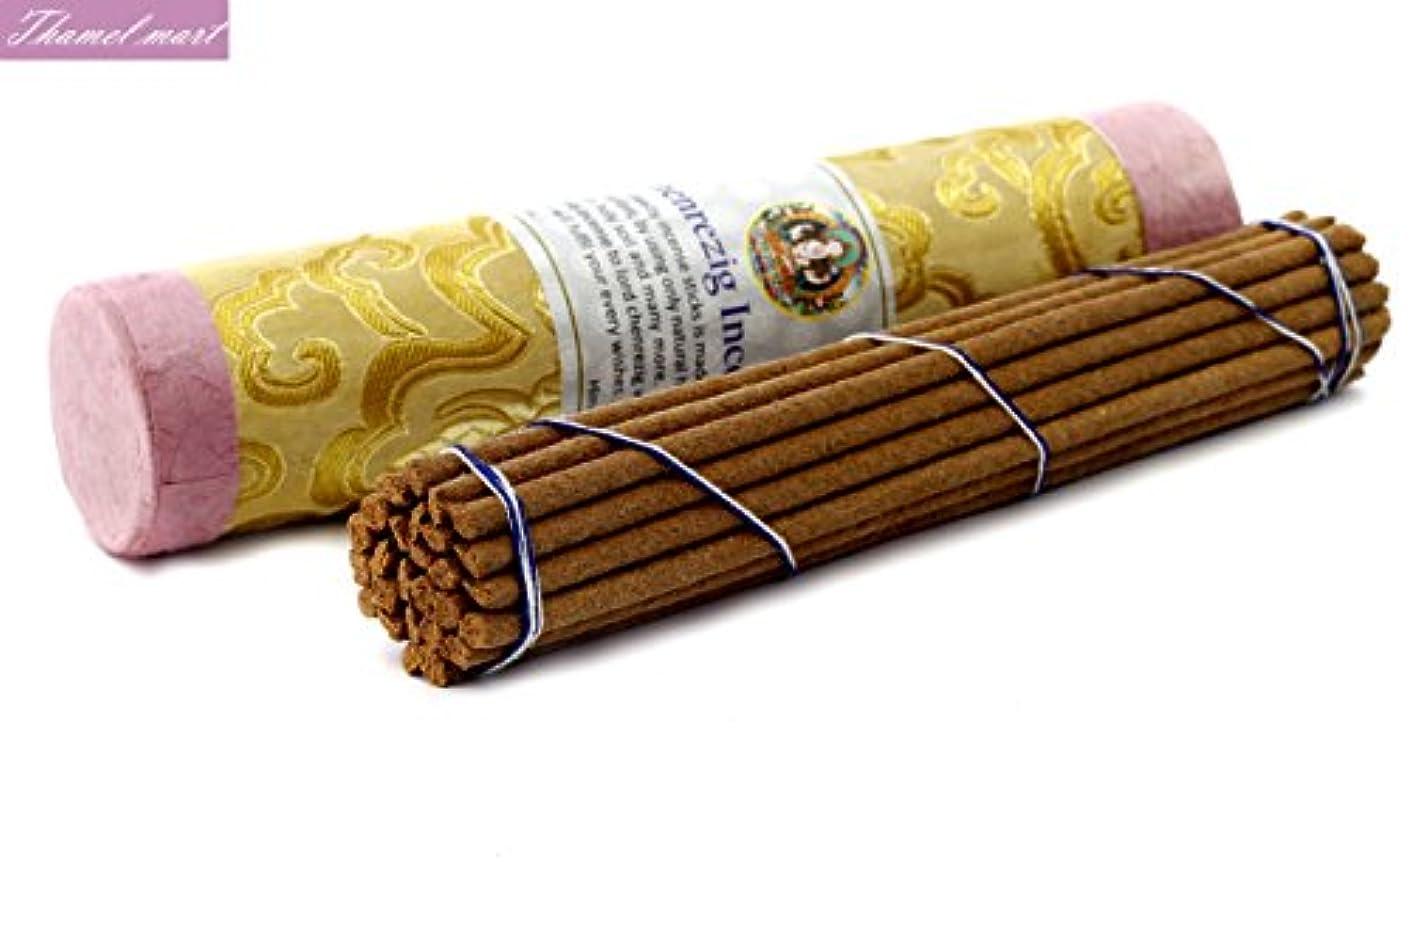 引用どうやって集中chenrezing Tibetan Incense Sticks – Spiritual & Medicinal Relaxation Potpourrisより – 効果的& Scented Oils